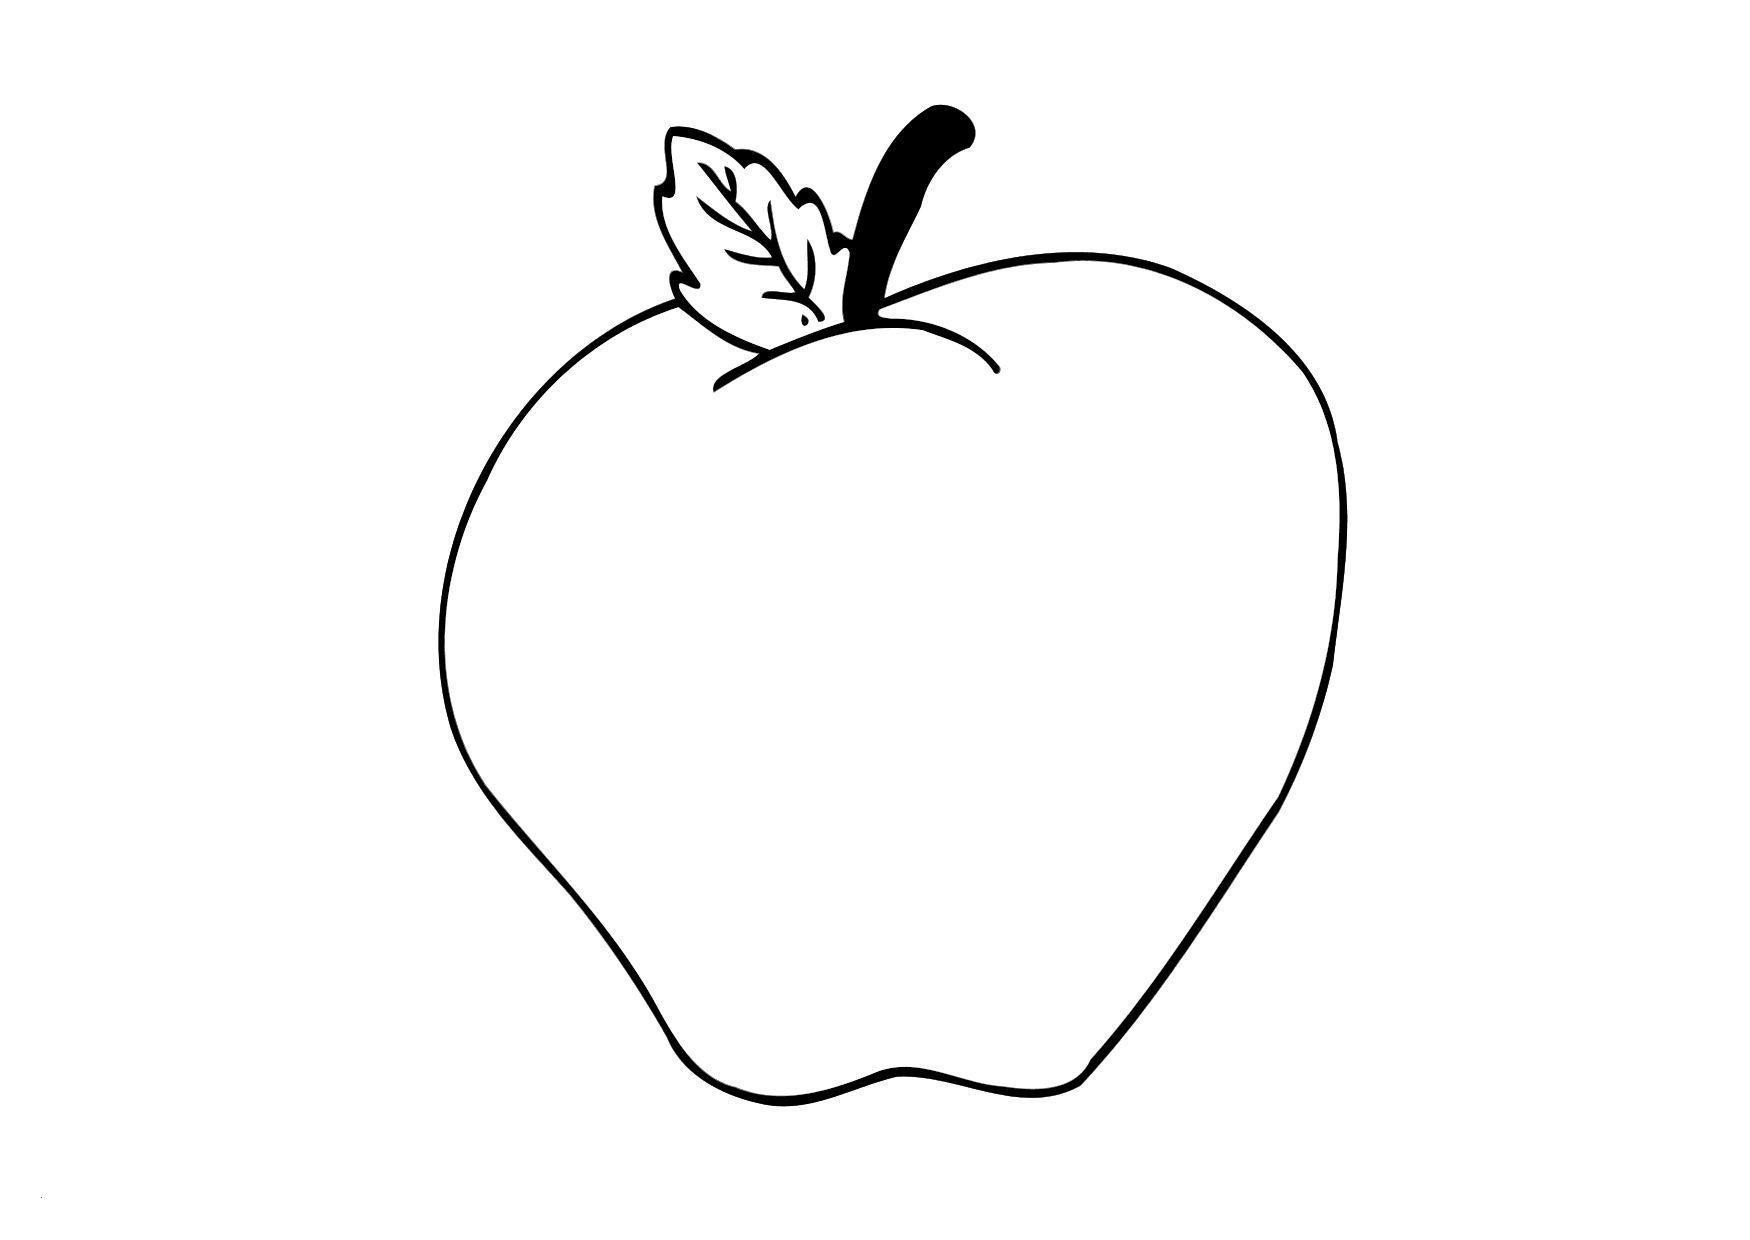 Apfel Zum Ausmalen Genial Apple Bilder Zum Ausmalen Wunderbar Malvorlage Apfel Genial Bilder